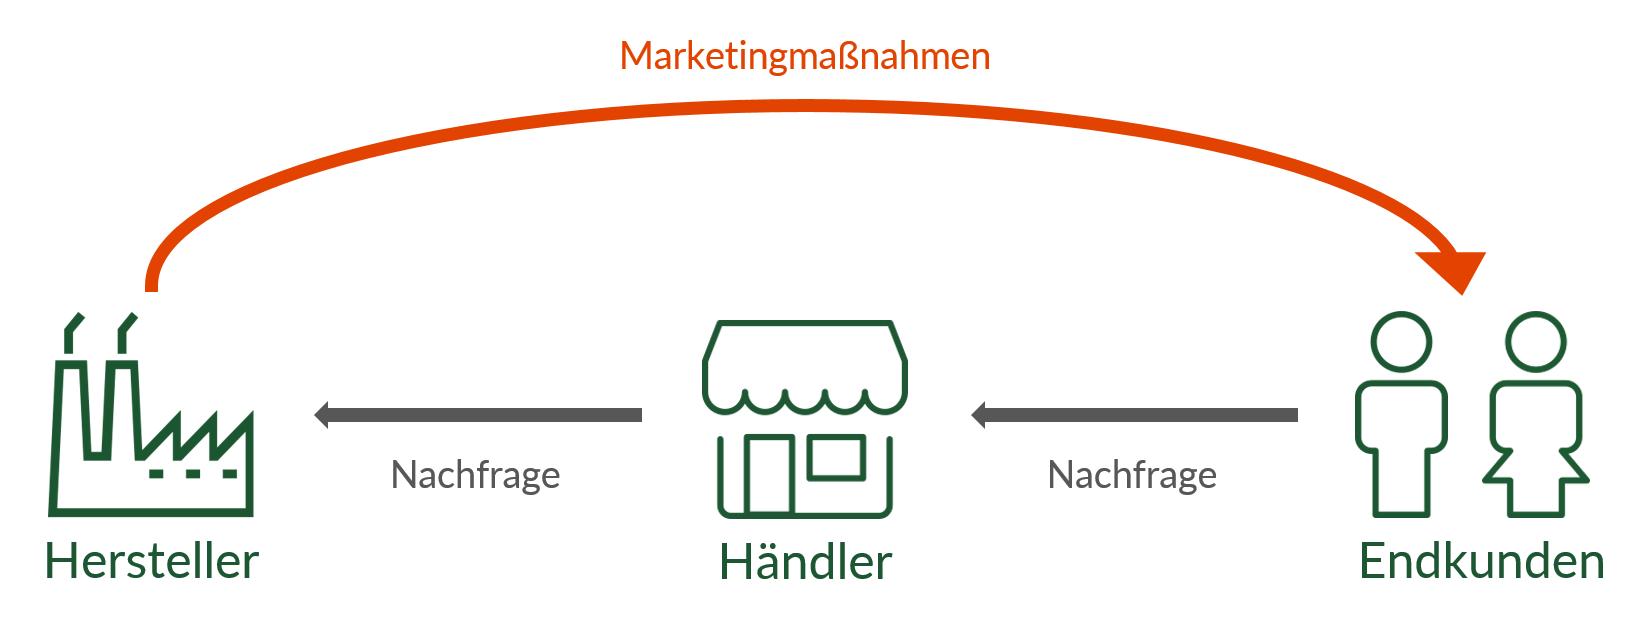 """Das Pull-Prinzip: Durch die Marketingmaßnahmen des Herstellers wird ein Bedarf beim Endkunden erzeugt, der das Produkt anschließend in das Sortiment des Händlers """"zieht""""."""